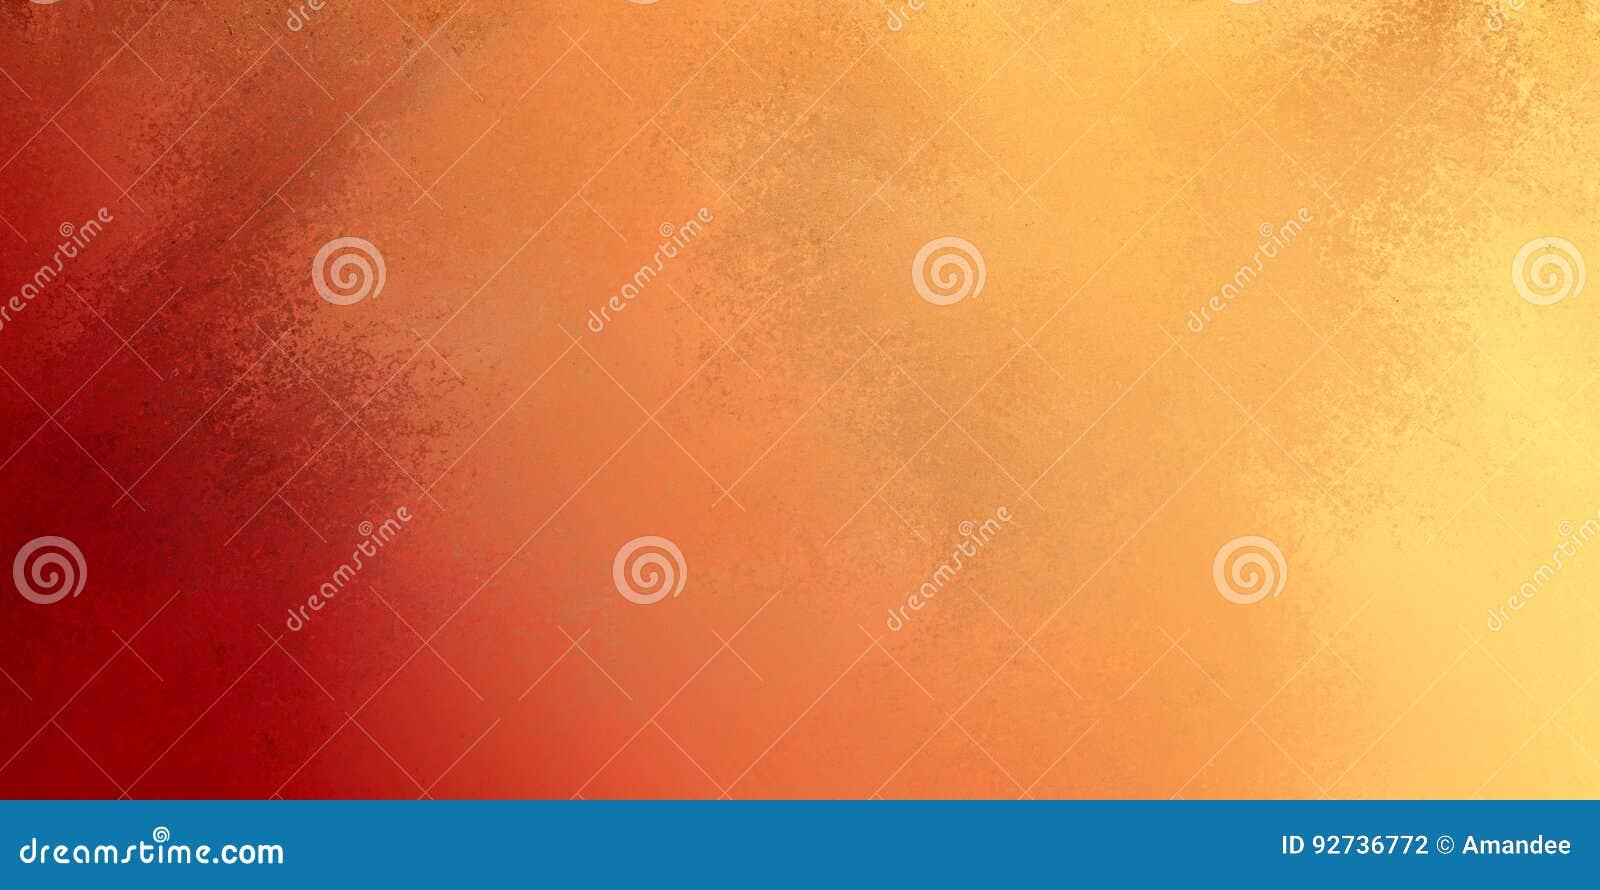 Jesień kolory czerwony pomarańczowy kolor żółty i złoto w textured rocznika tła projekcie